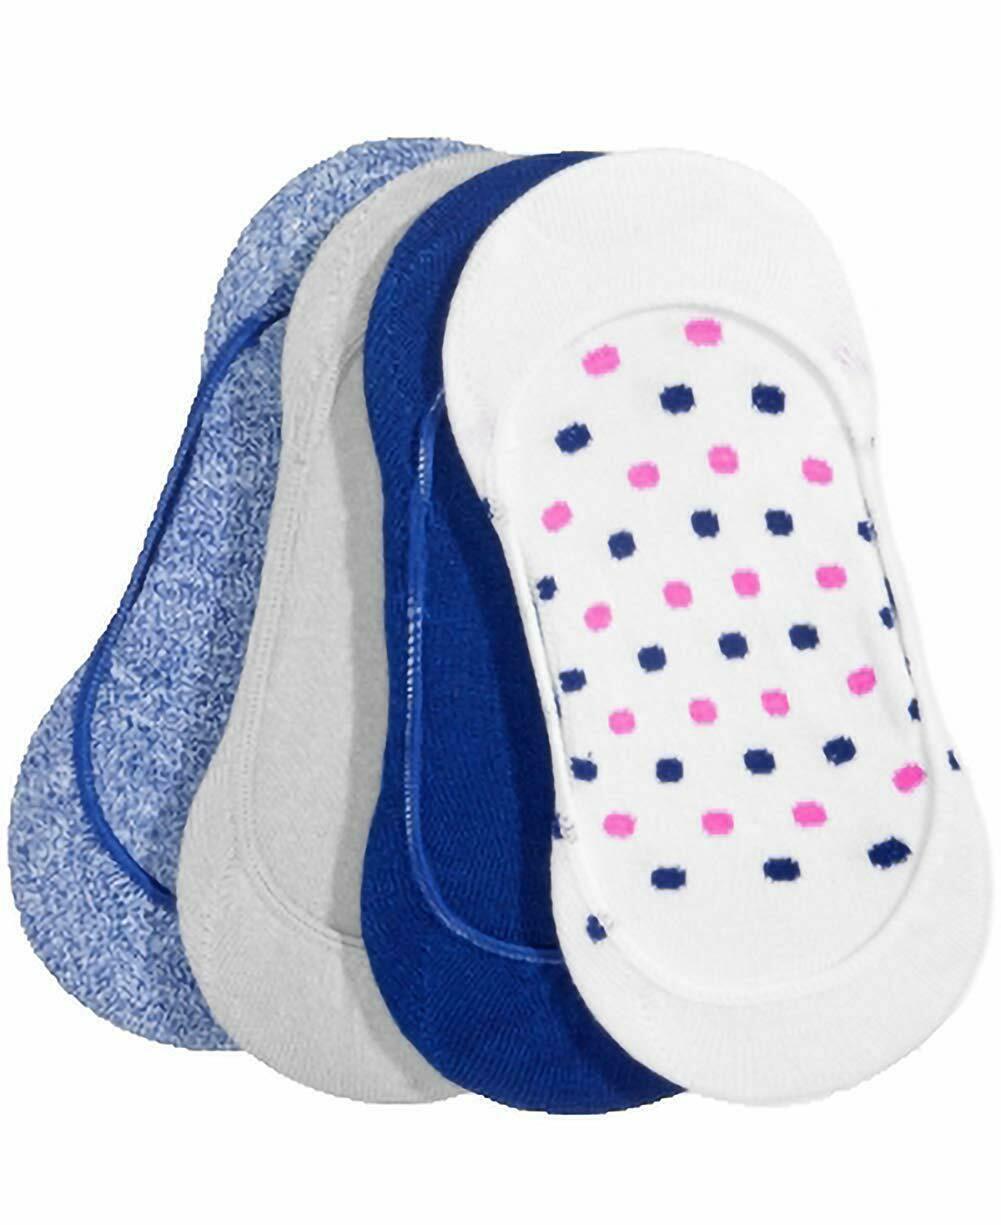 HUE 4-Pack Coupe Basse Femmes Chaussettes Doublure Imprimé Bleu Blanc Gris Osfm